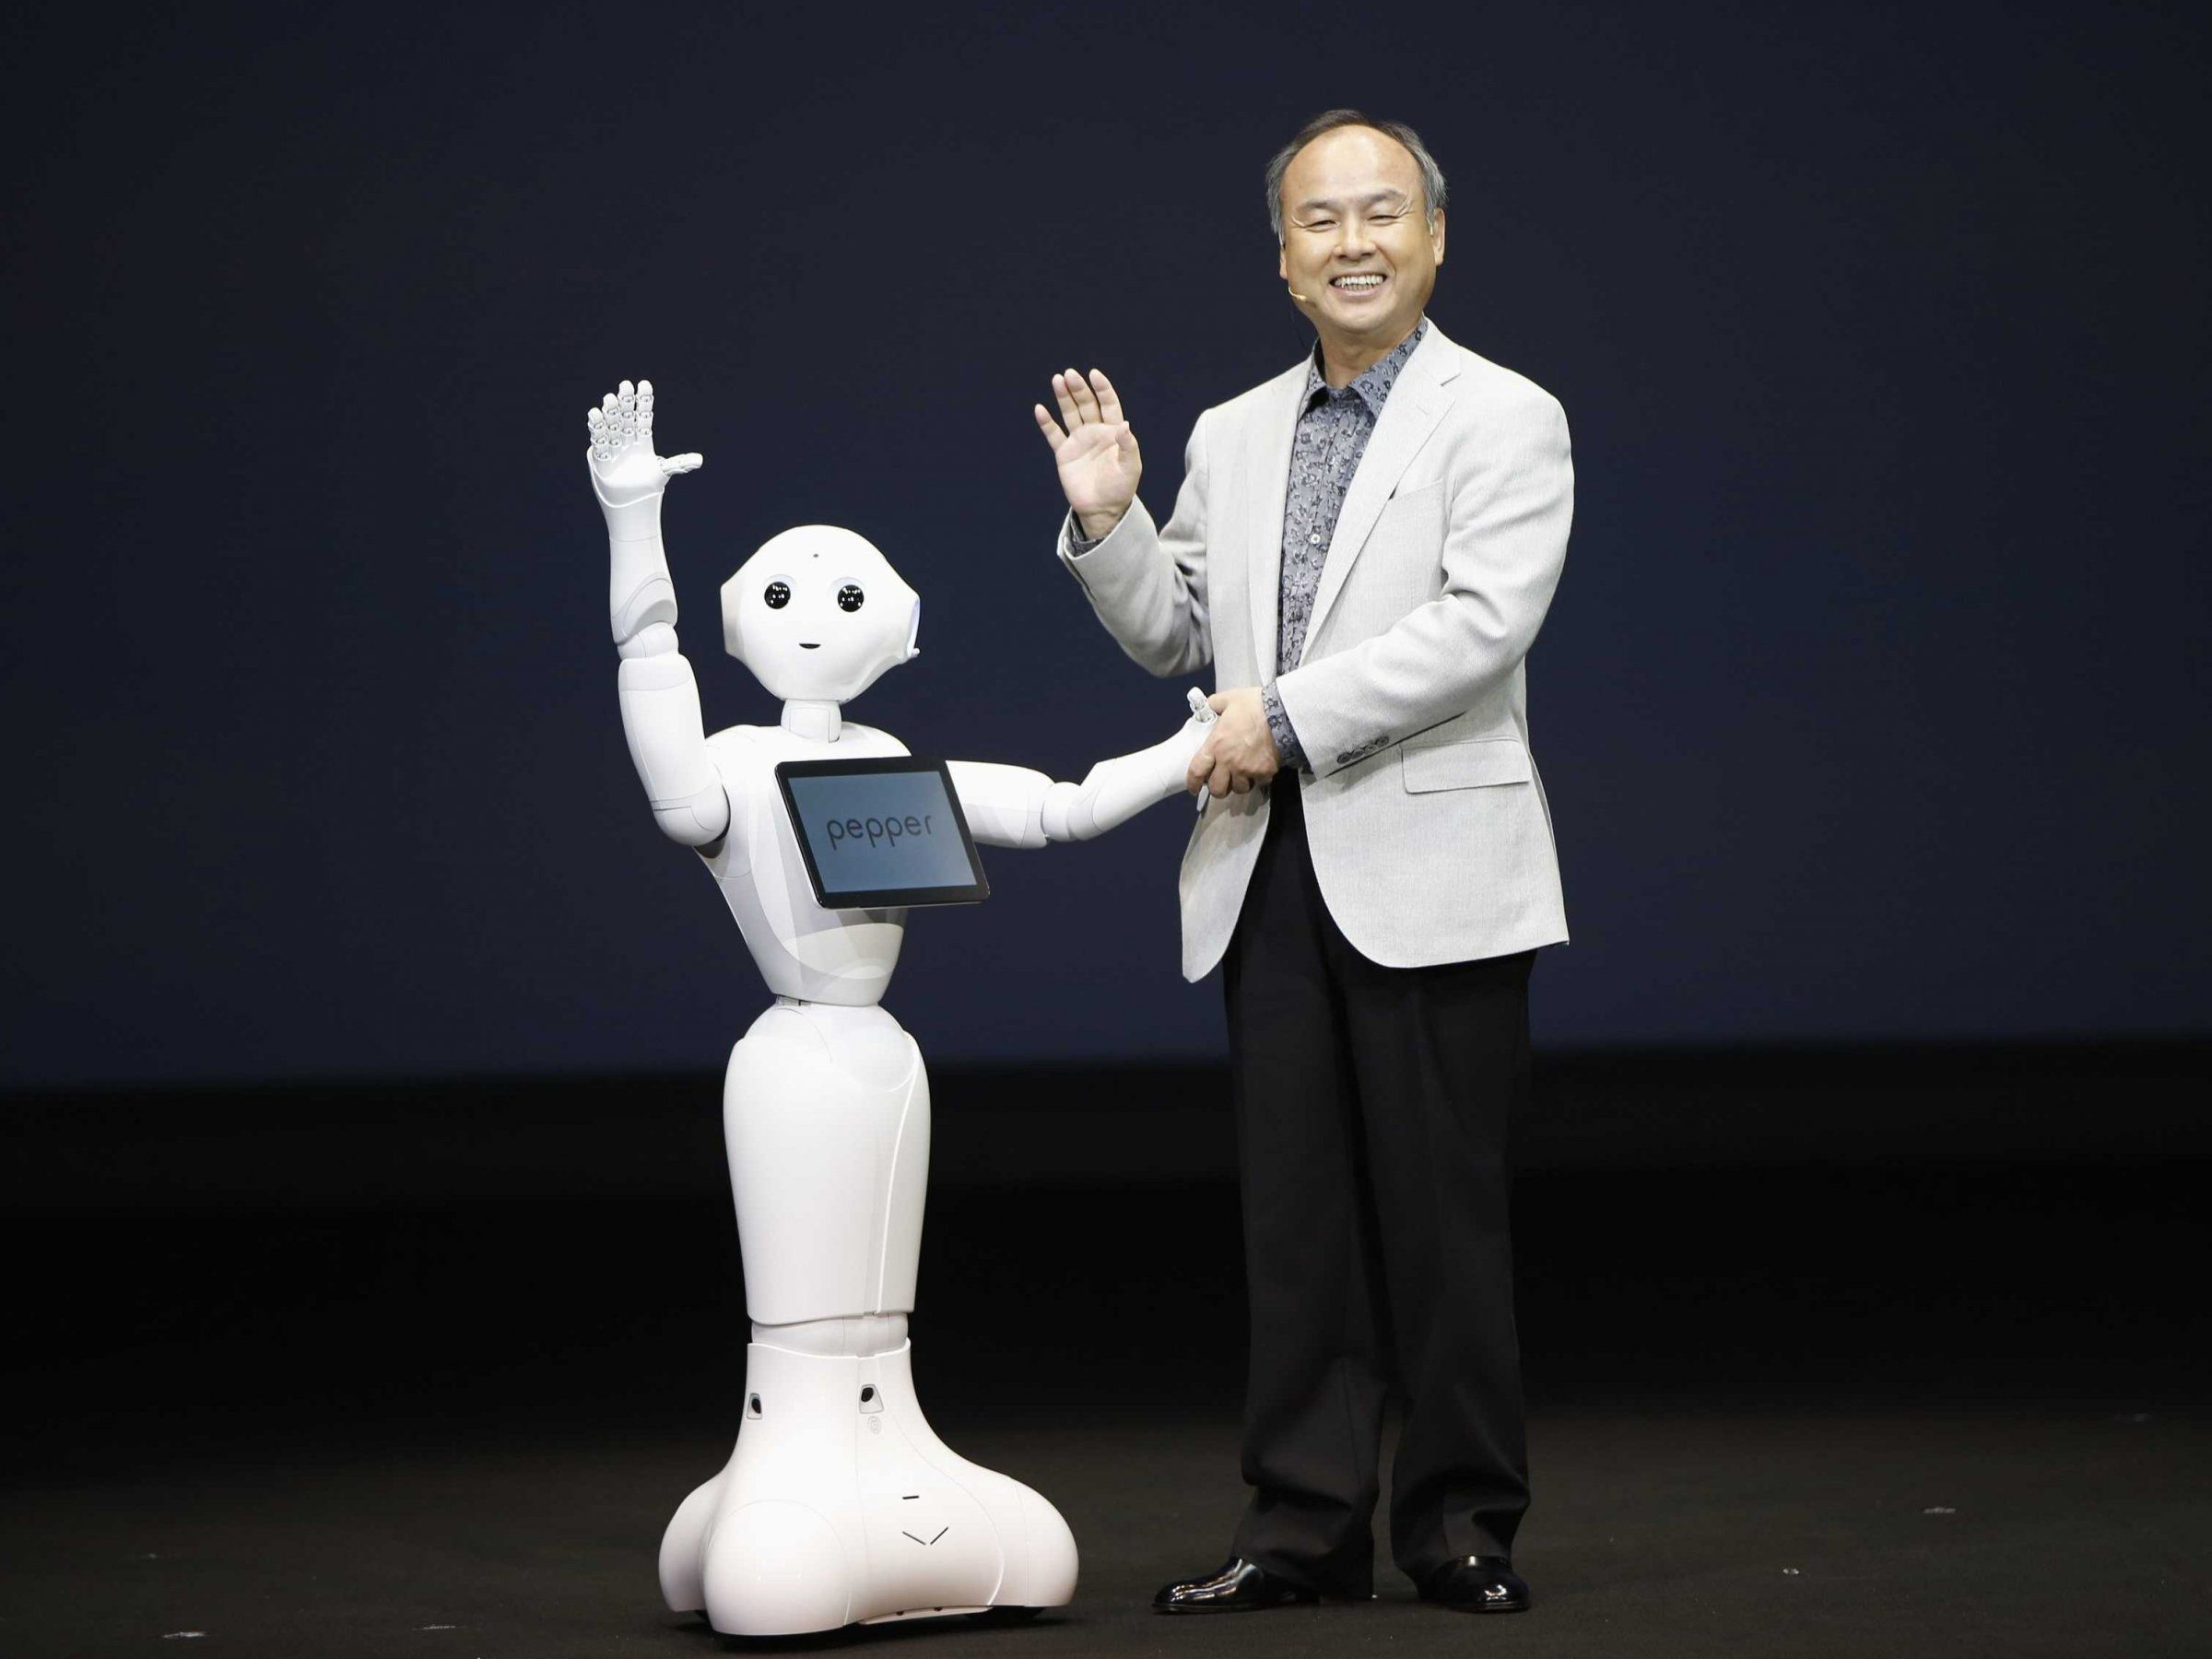 softbank-pepper-robot.jpg